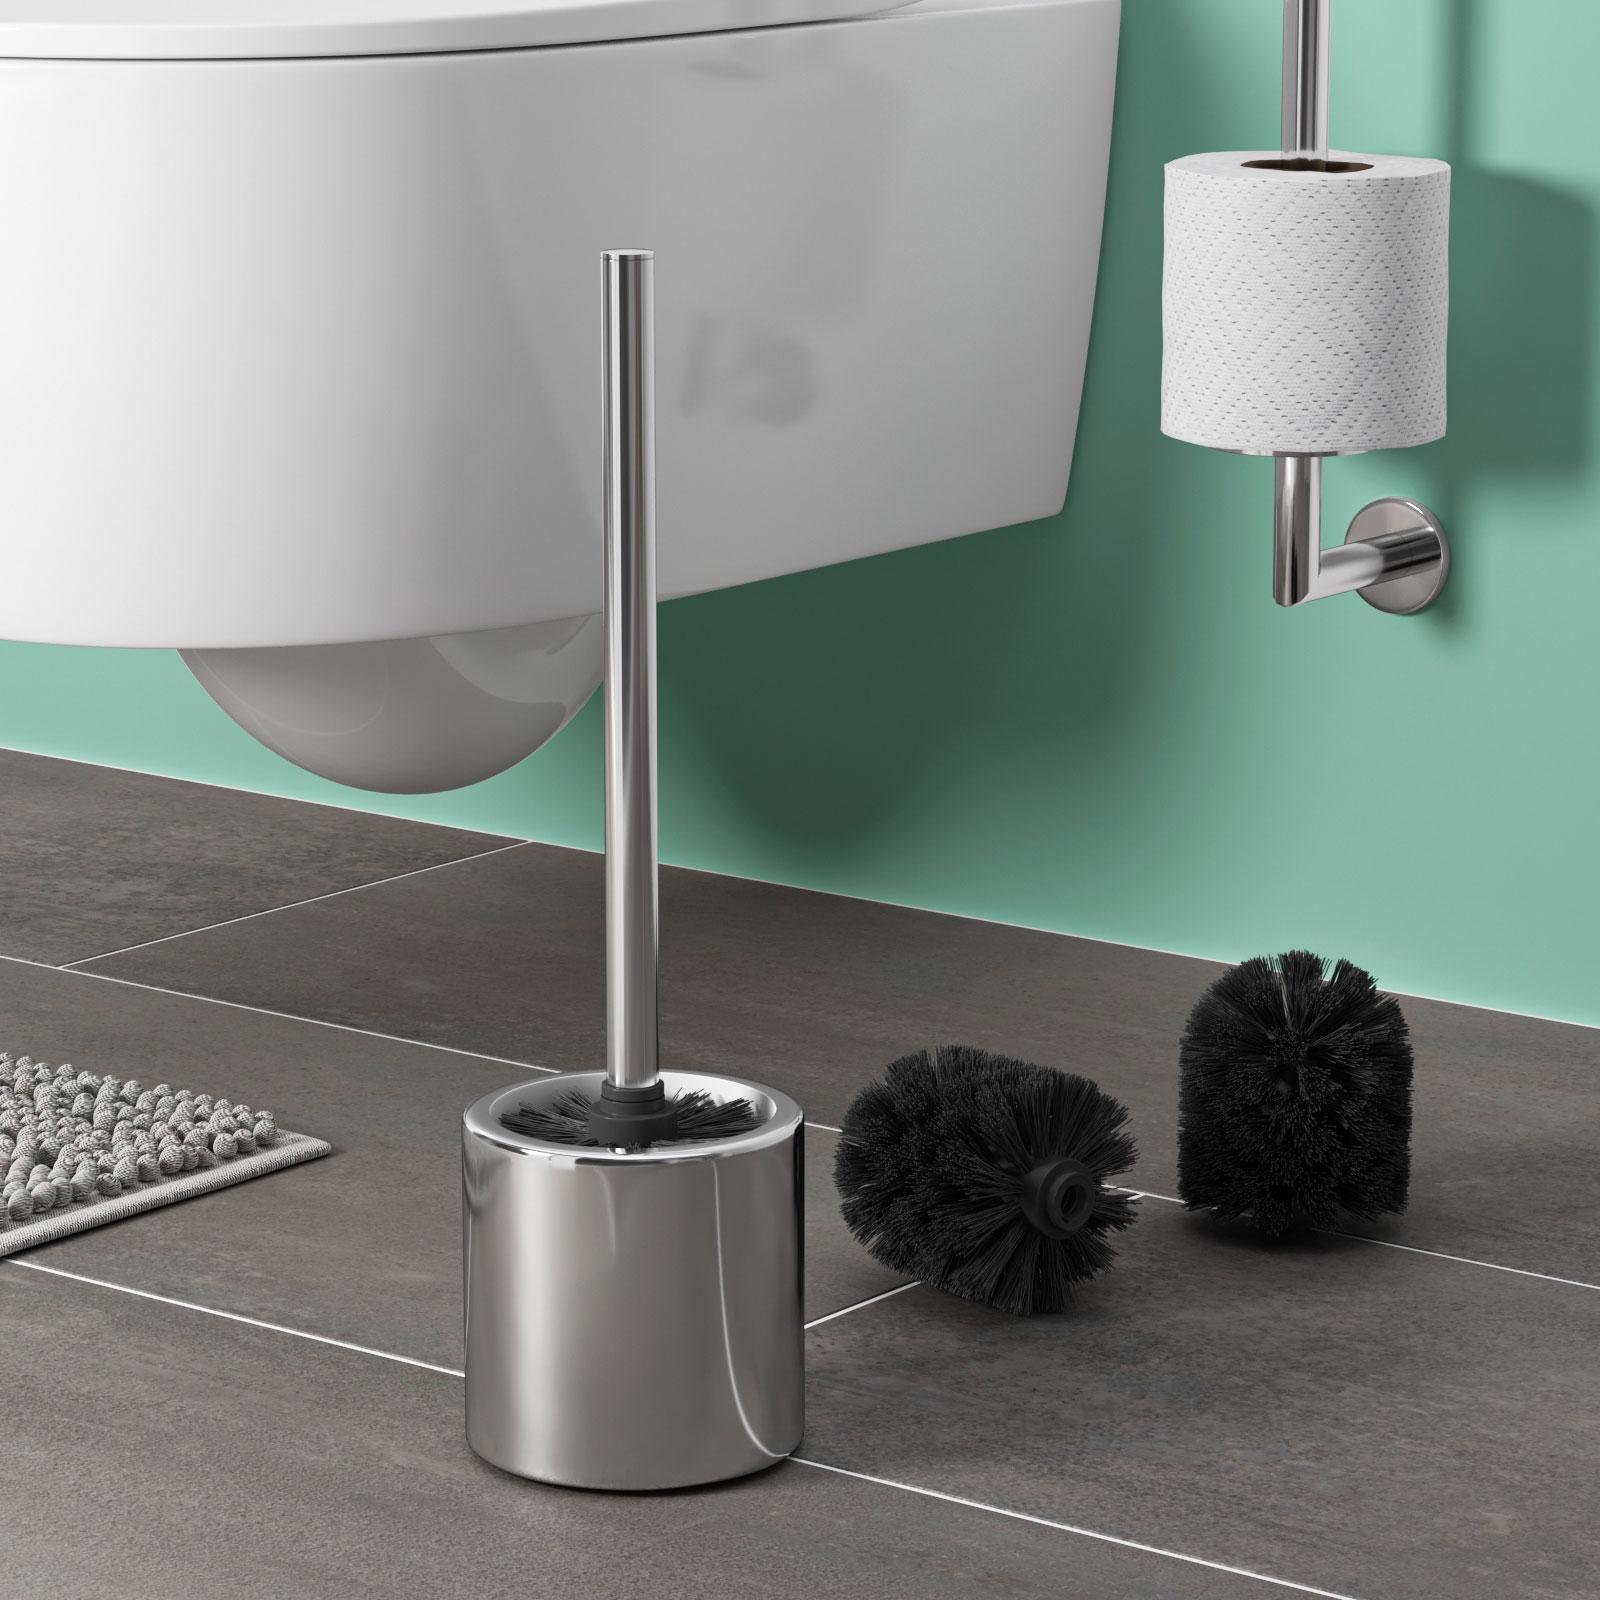 WC Bürste 3D Produkt Visualisierung